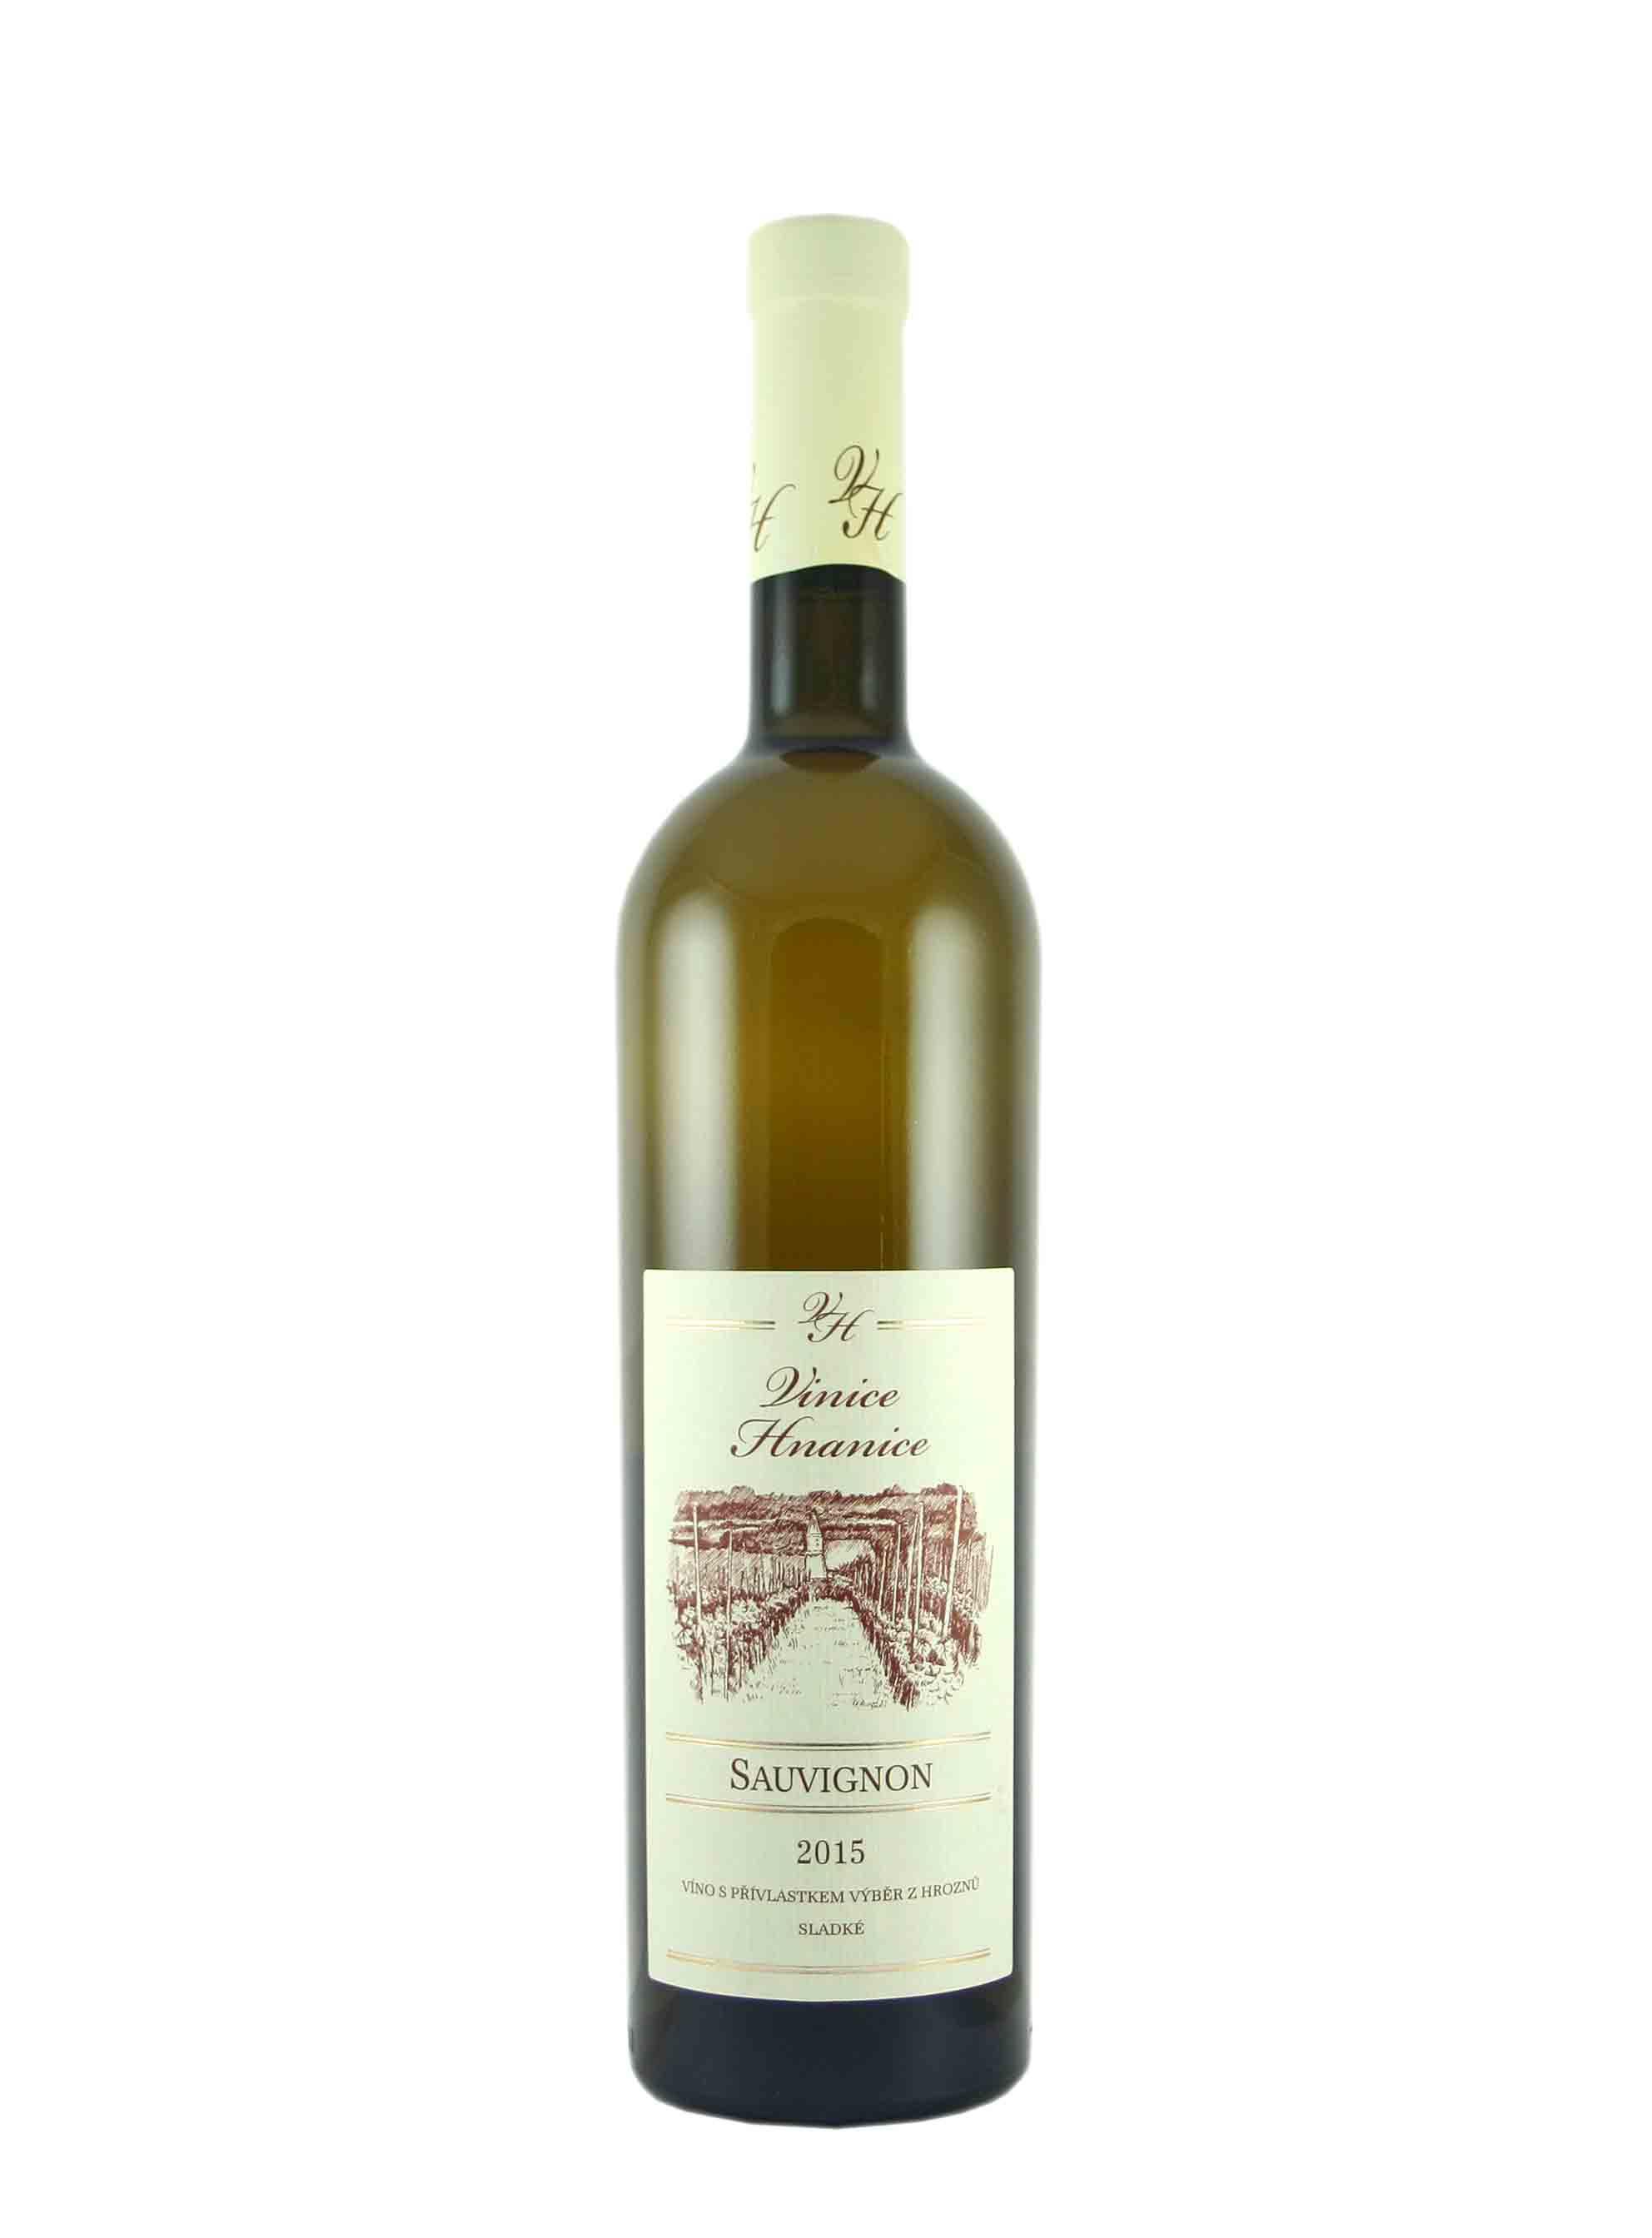 Sauvignon, Výběr z hroznů, 2015, Vinice Hnanice, 0.75 l